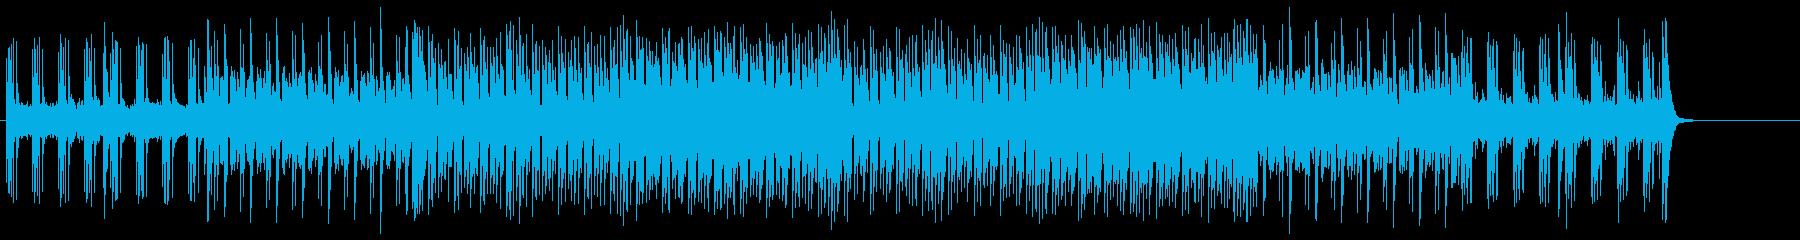 問題を究明するドキュメント/テクノの再生済みの波形